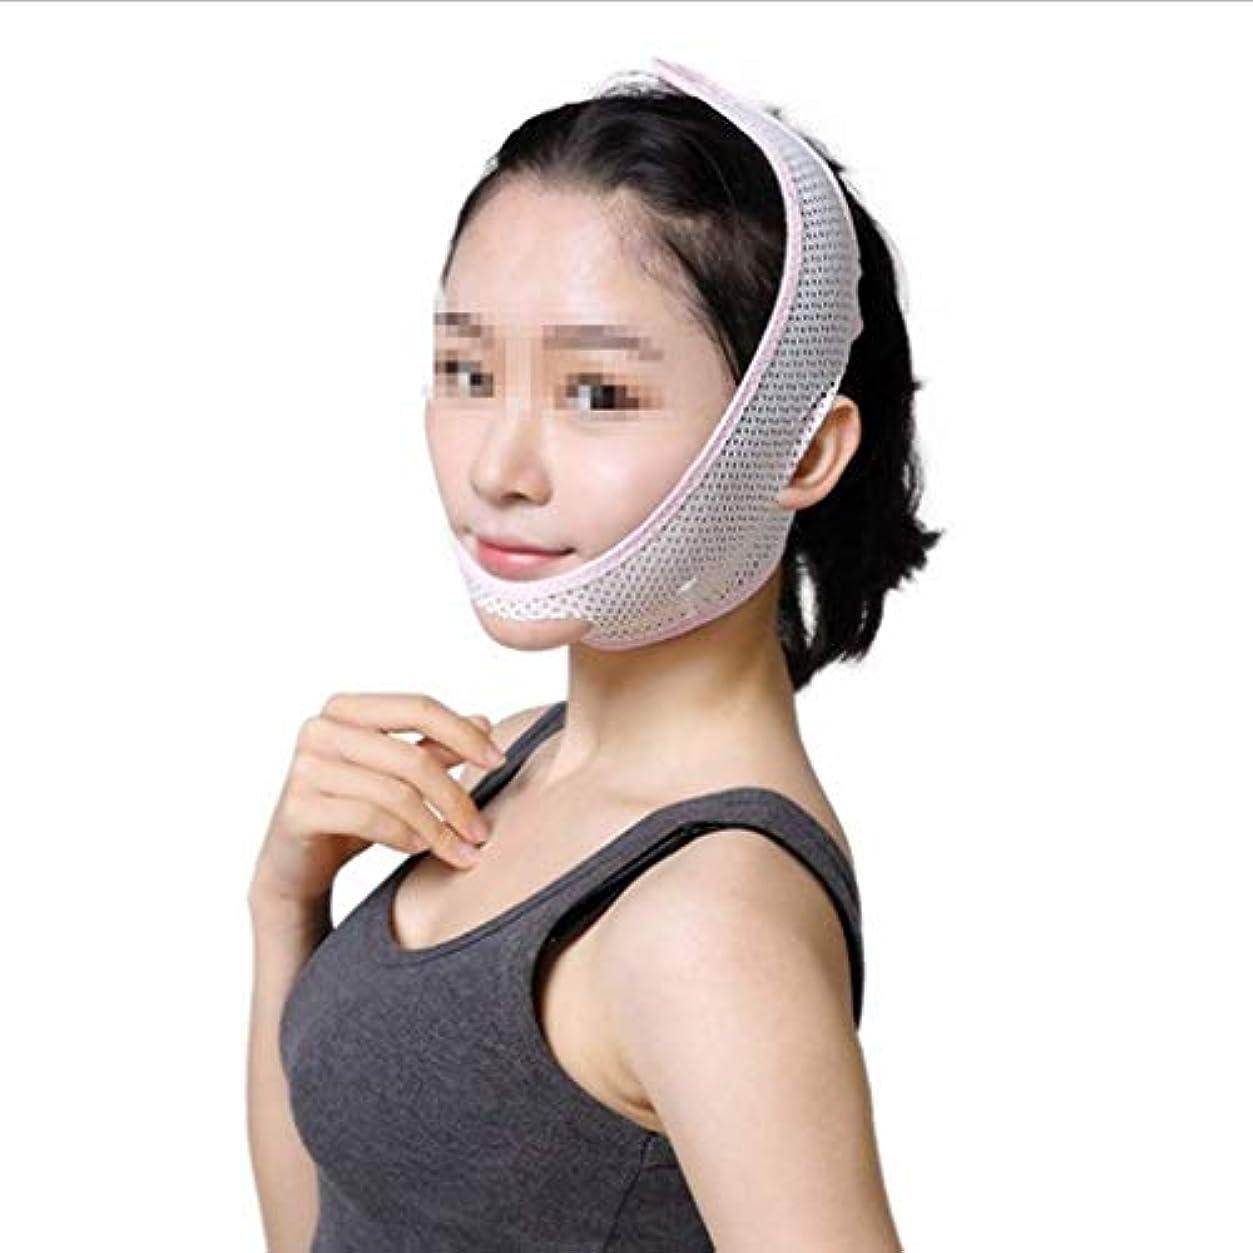 摂動紳士気取りの、きざな縮約超薄型通気性フェイスマスク、包帯Vフェイスマスクフェイスリフティングファーミングダブルチンシンフェイスベルト(サイズ:M)